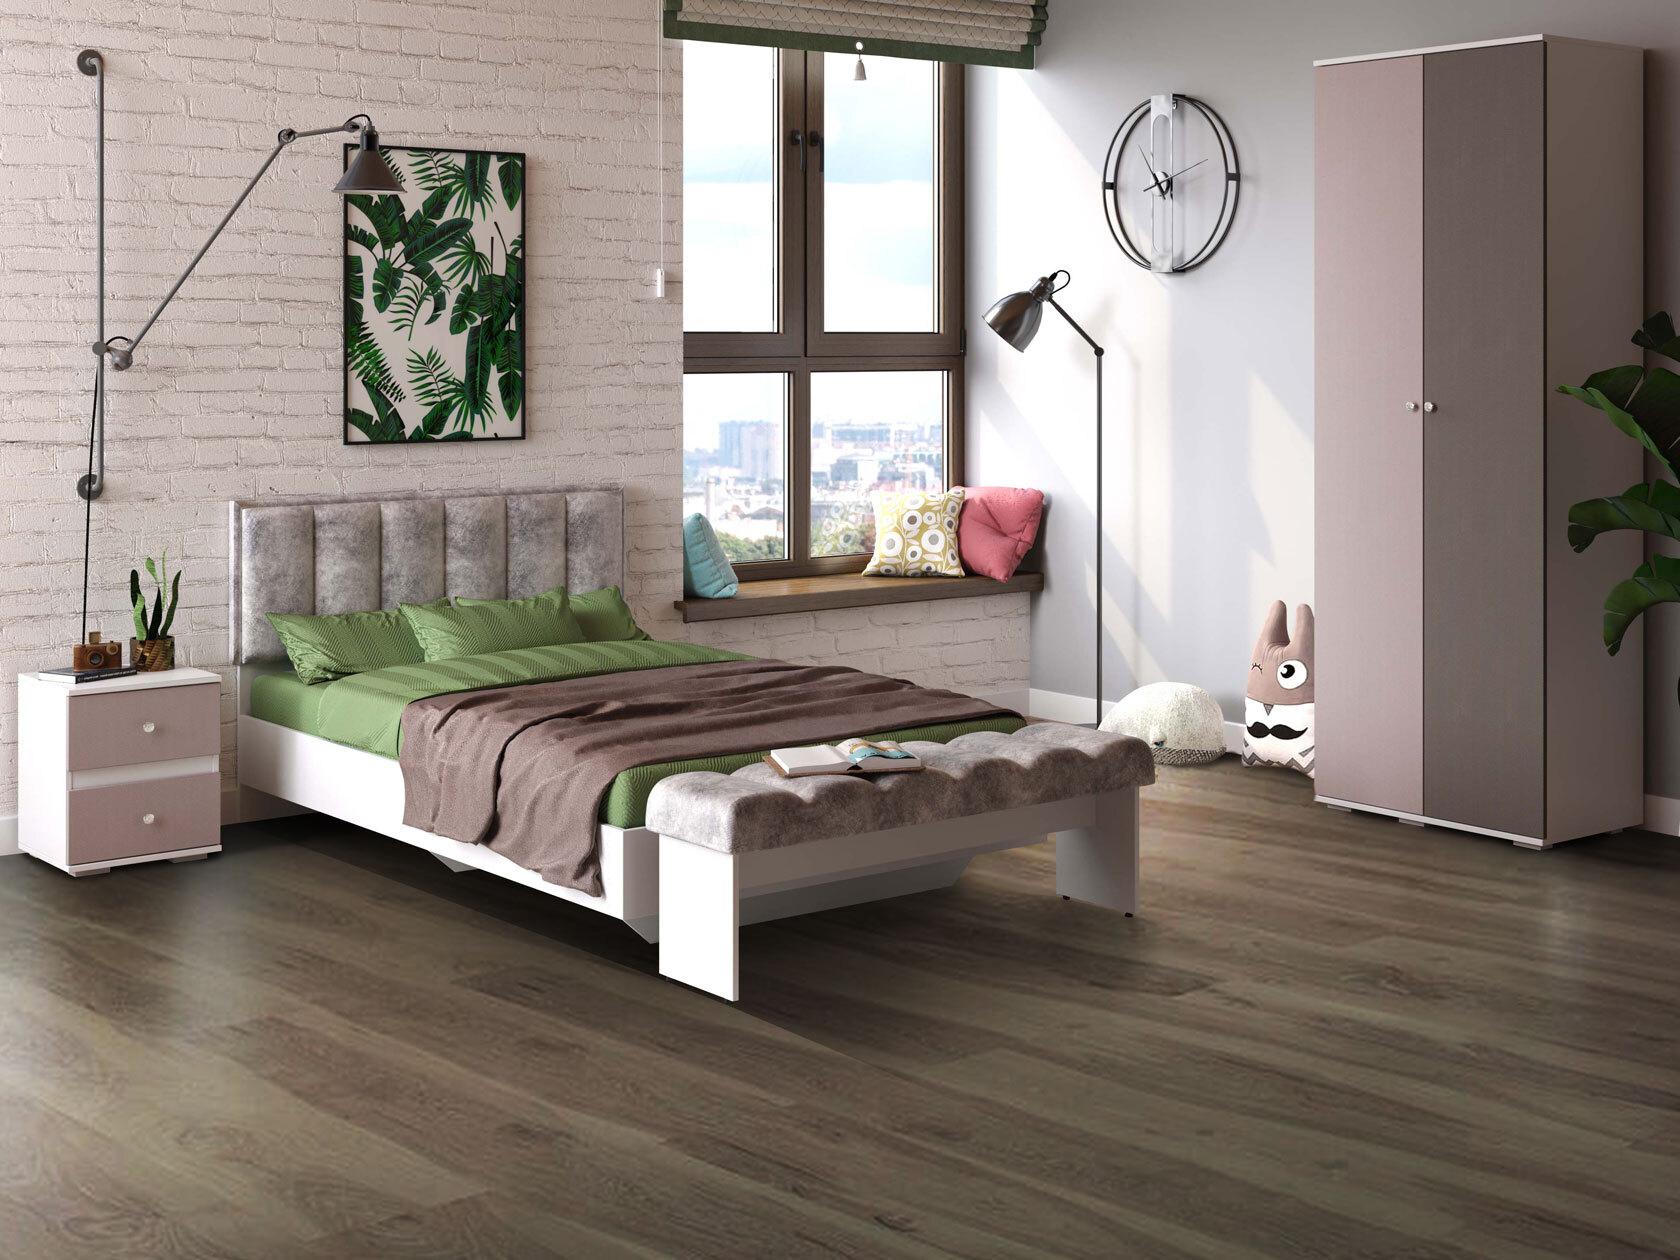 Спальный гарнитур 150-130381